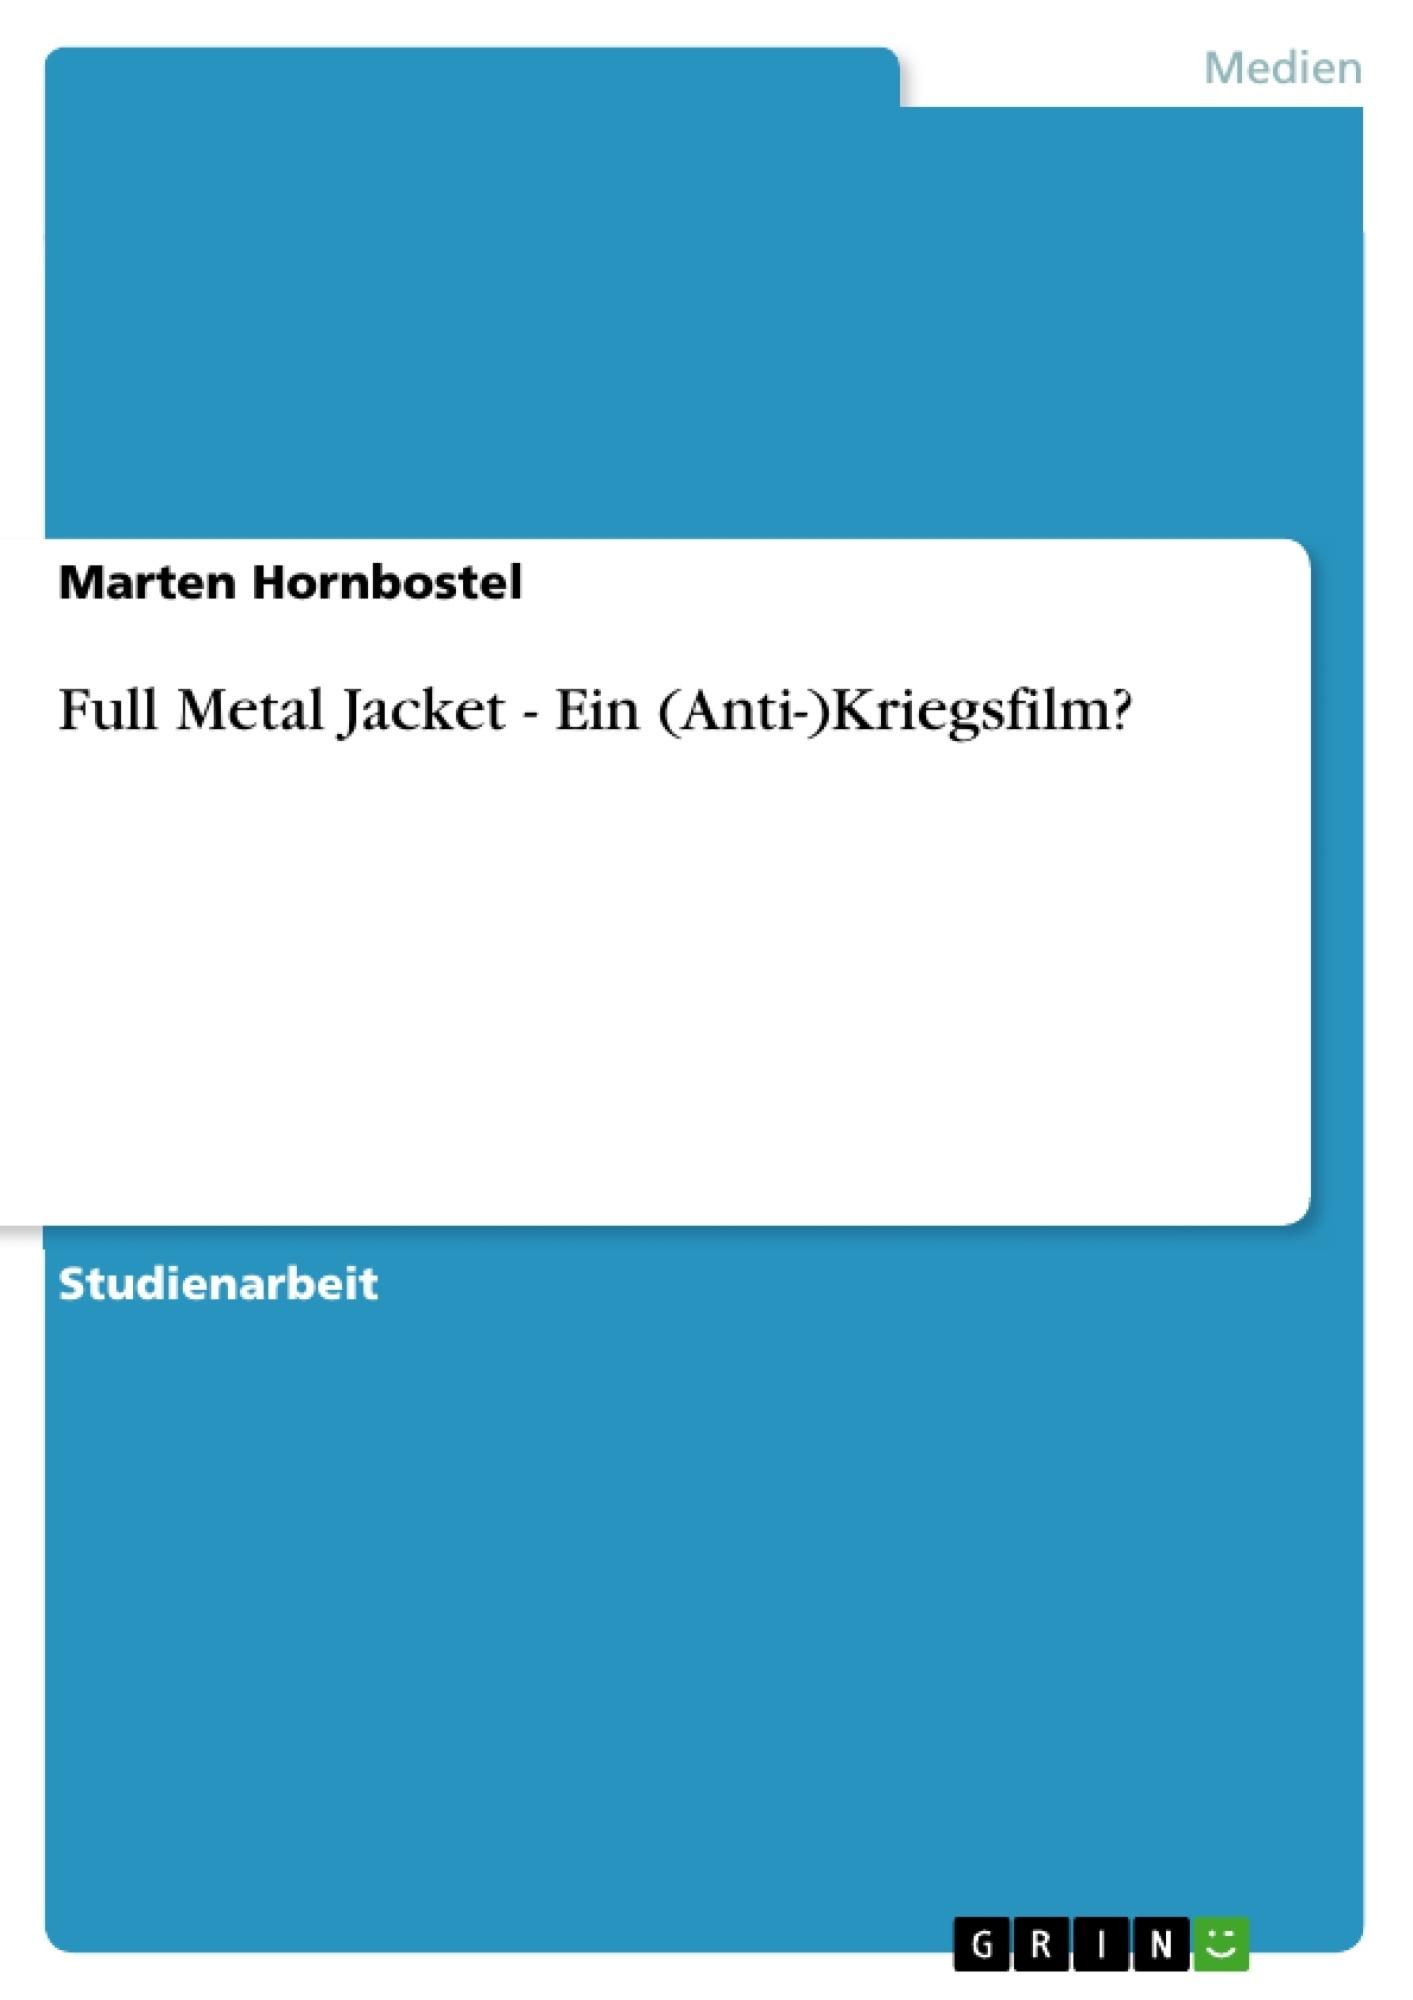 Titel: Full Metal Jacket - Ein (Anti-)Kriegsfilm?